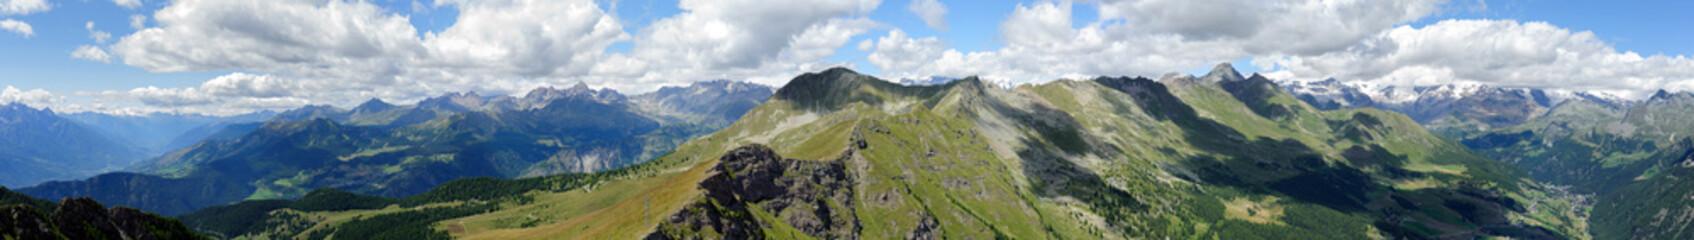 Panoramica sulla Valle d'Aosta dalla vetta del Monte Zerbion -